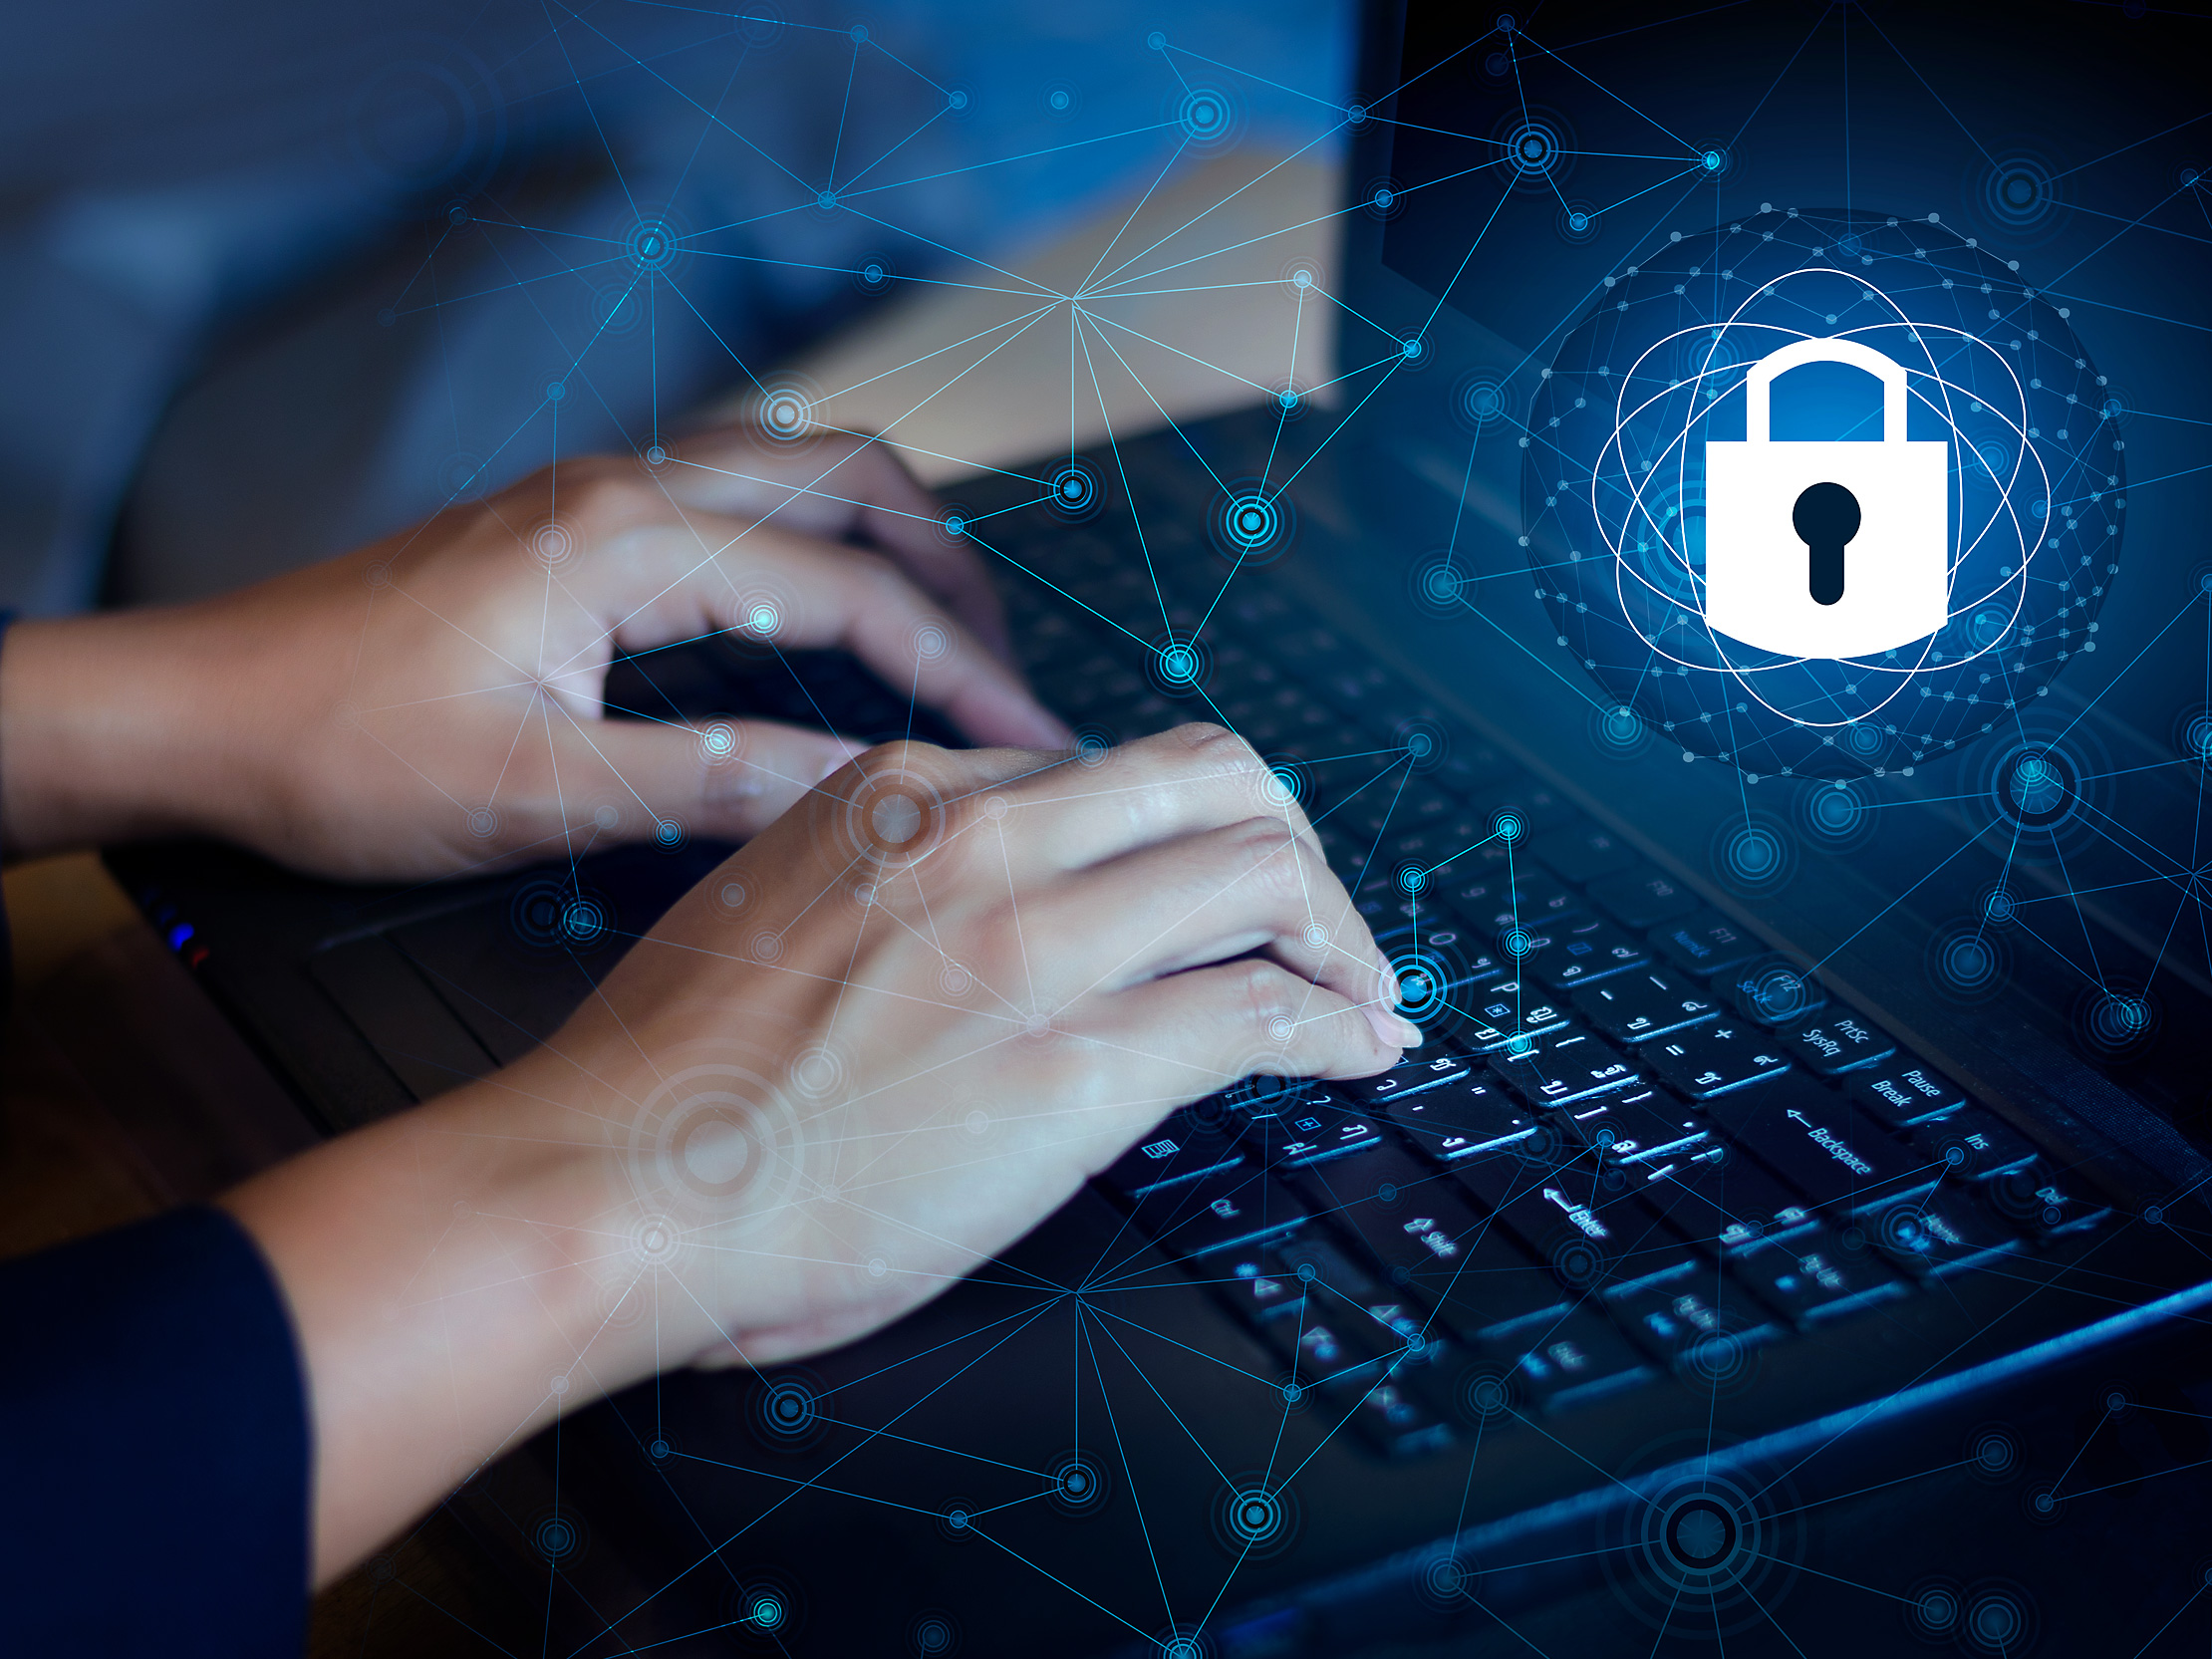 Hvorfor er IT-sikkerhed vigtigt?